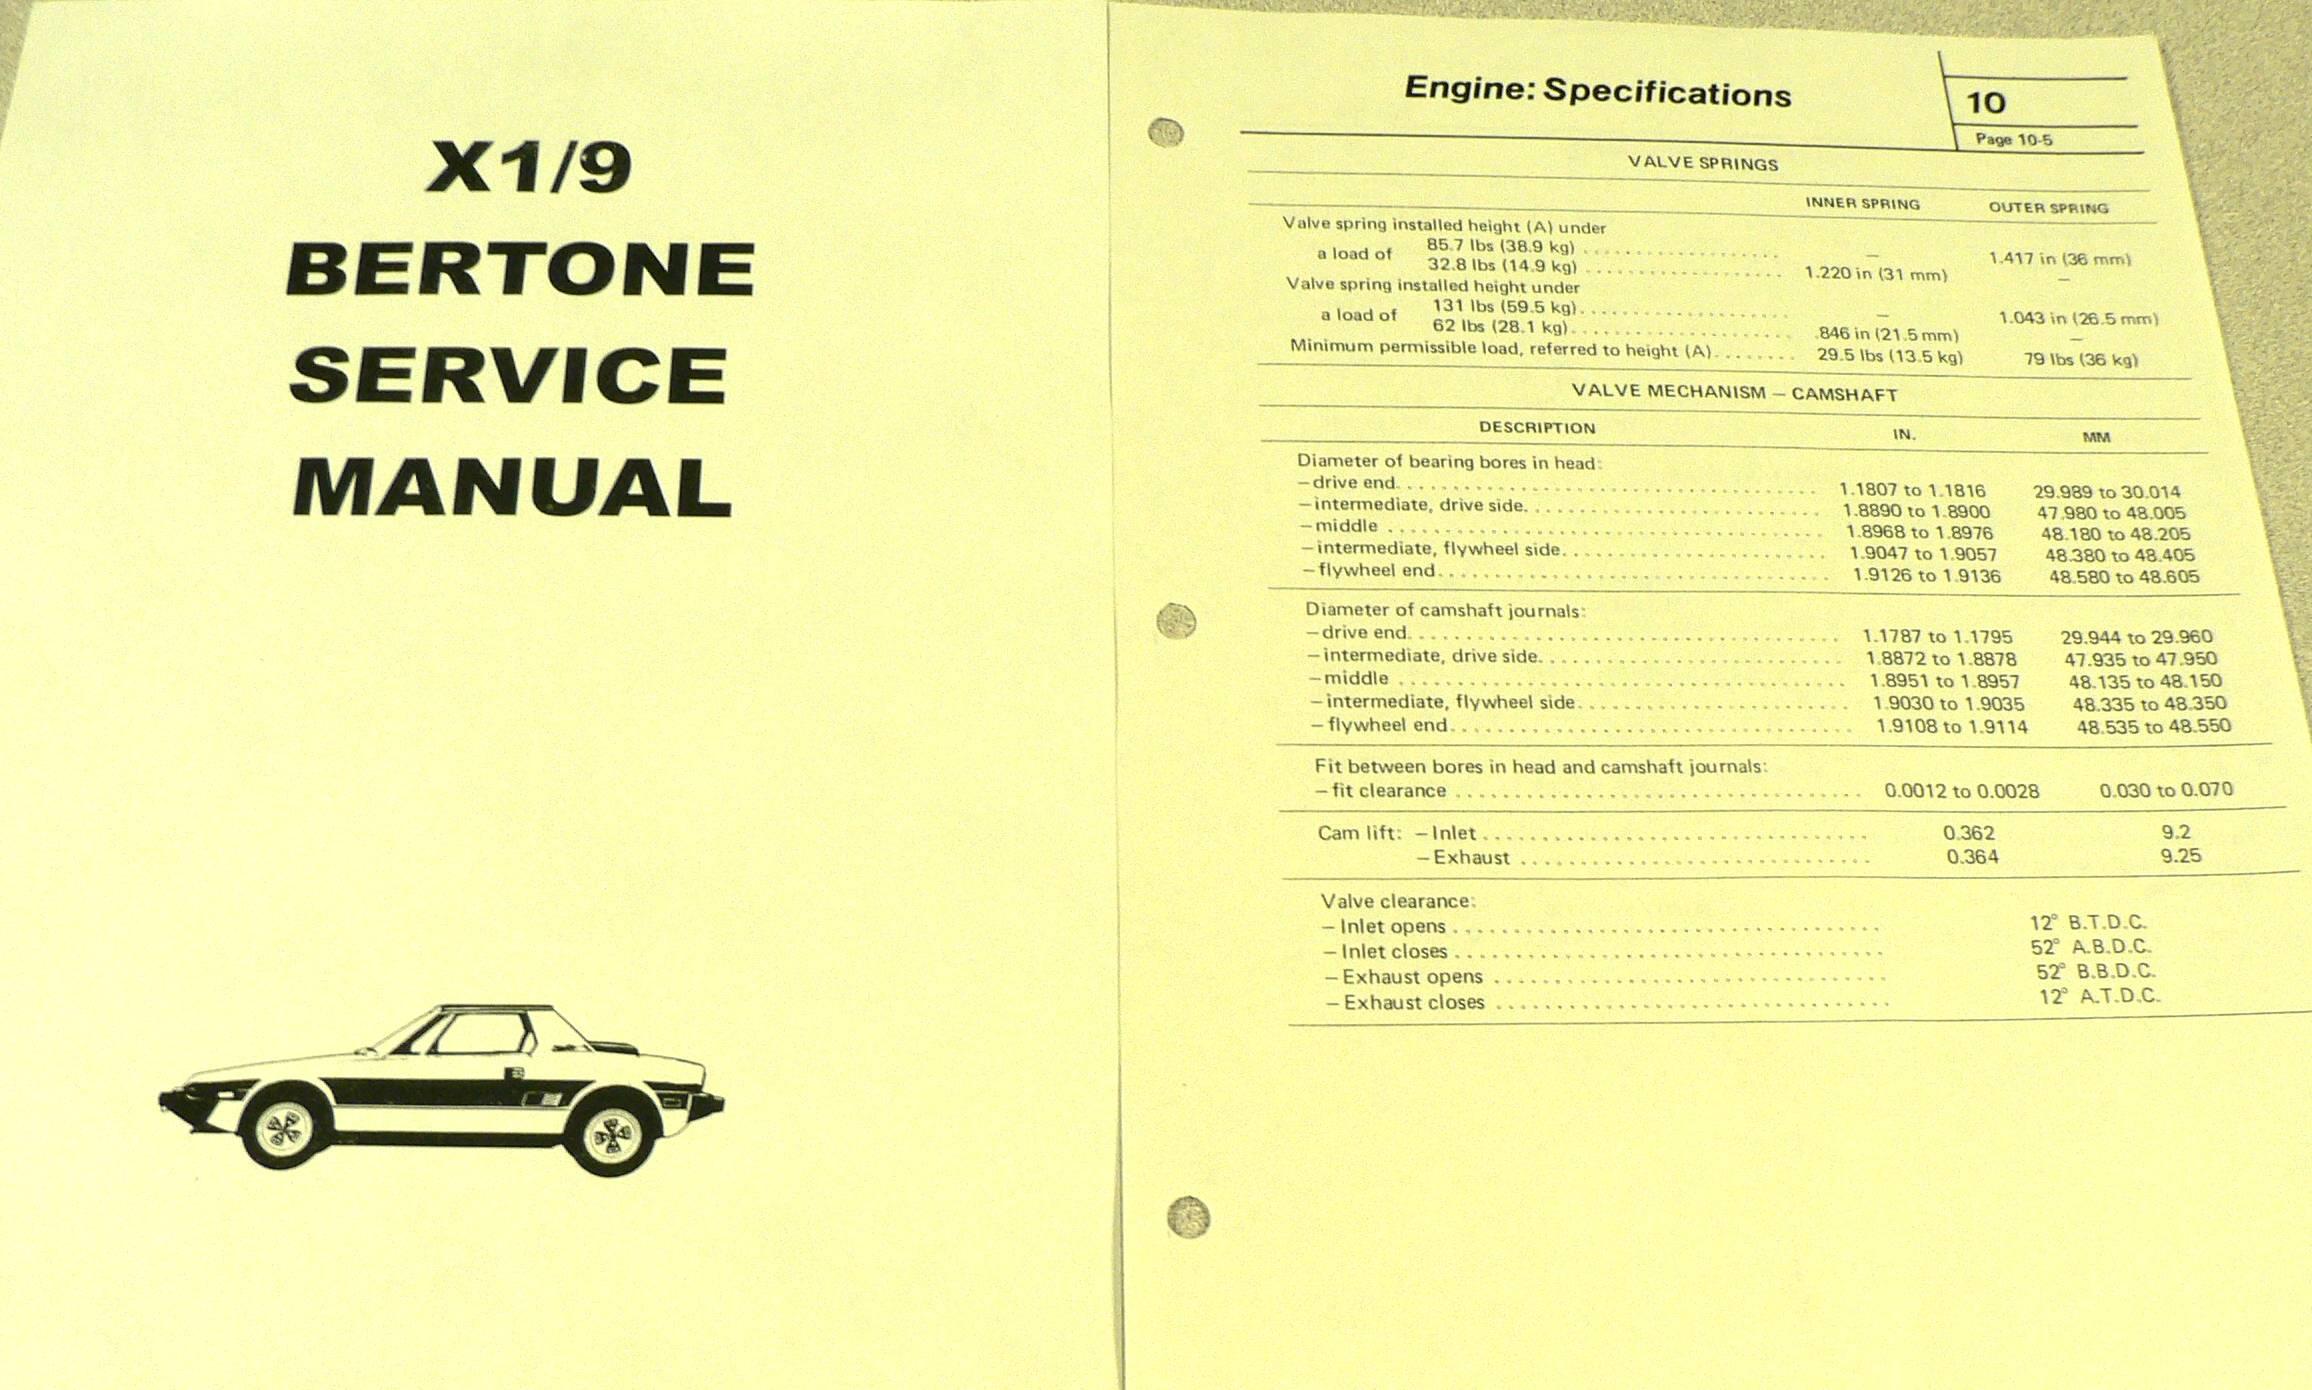 Fiat X1/9 SHOP REPAIR MANUAL. FIAT 3399 FIAT BERTONE X1/9. HAS 252 PAGES.